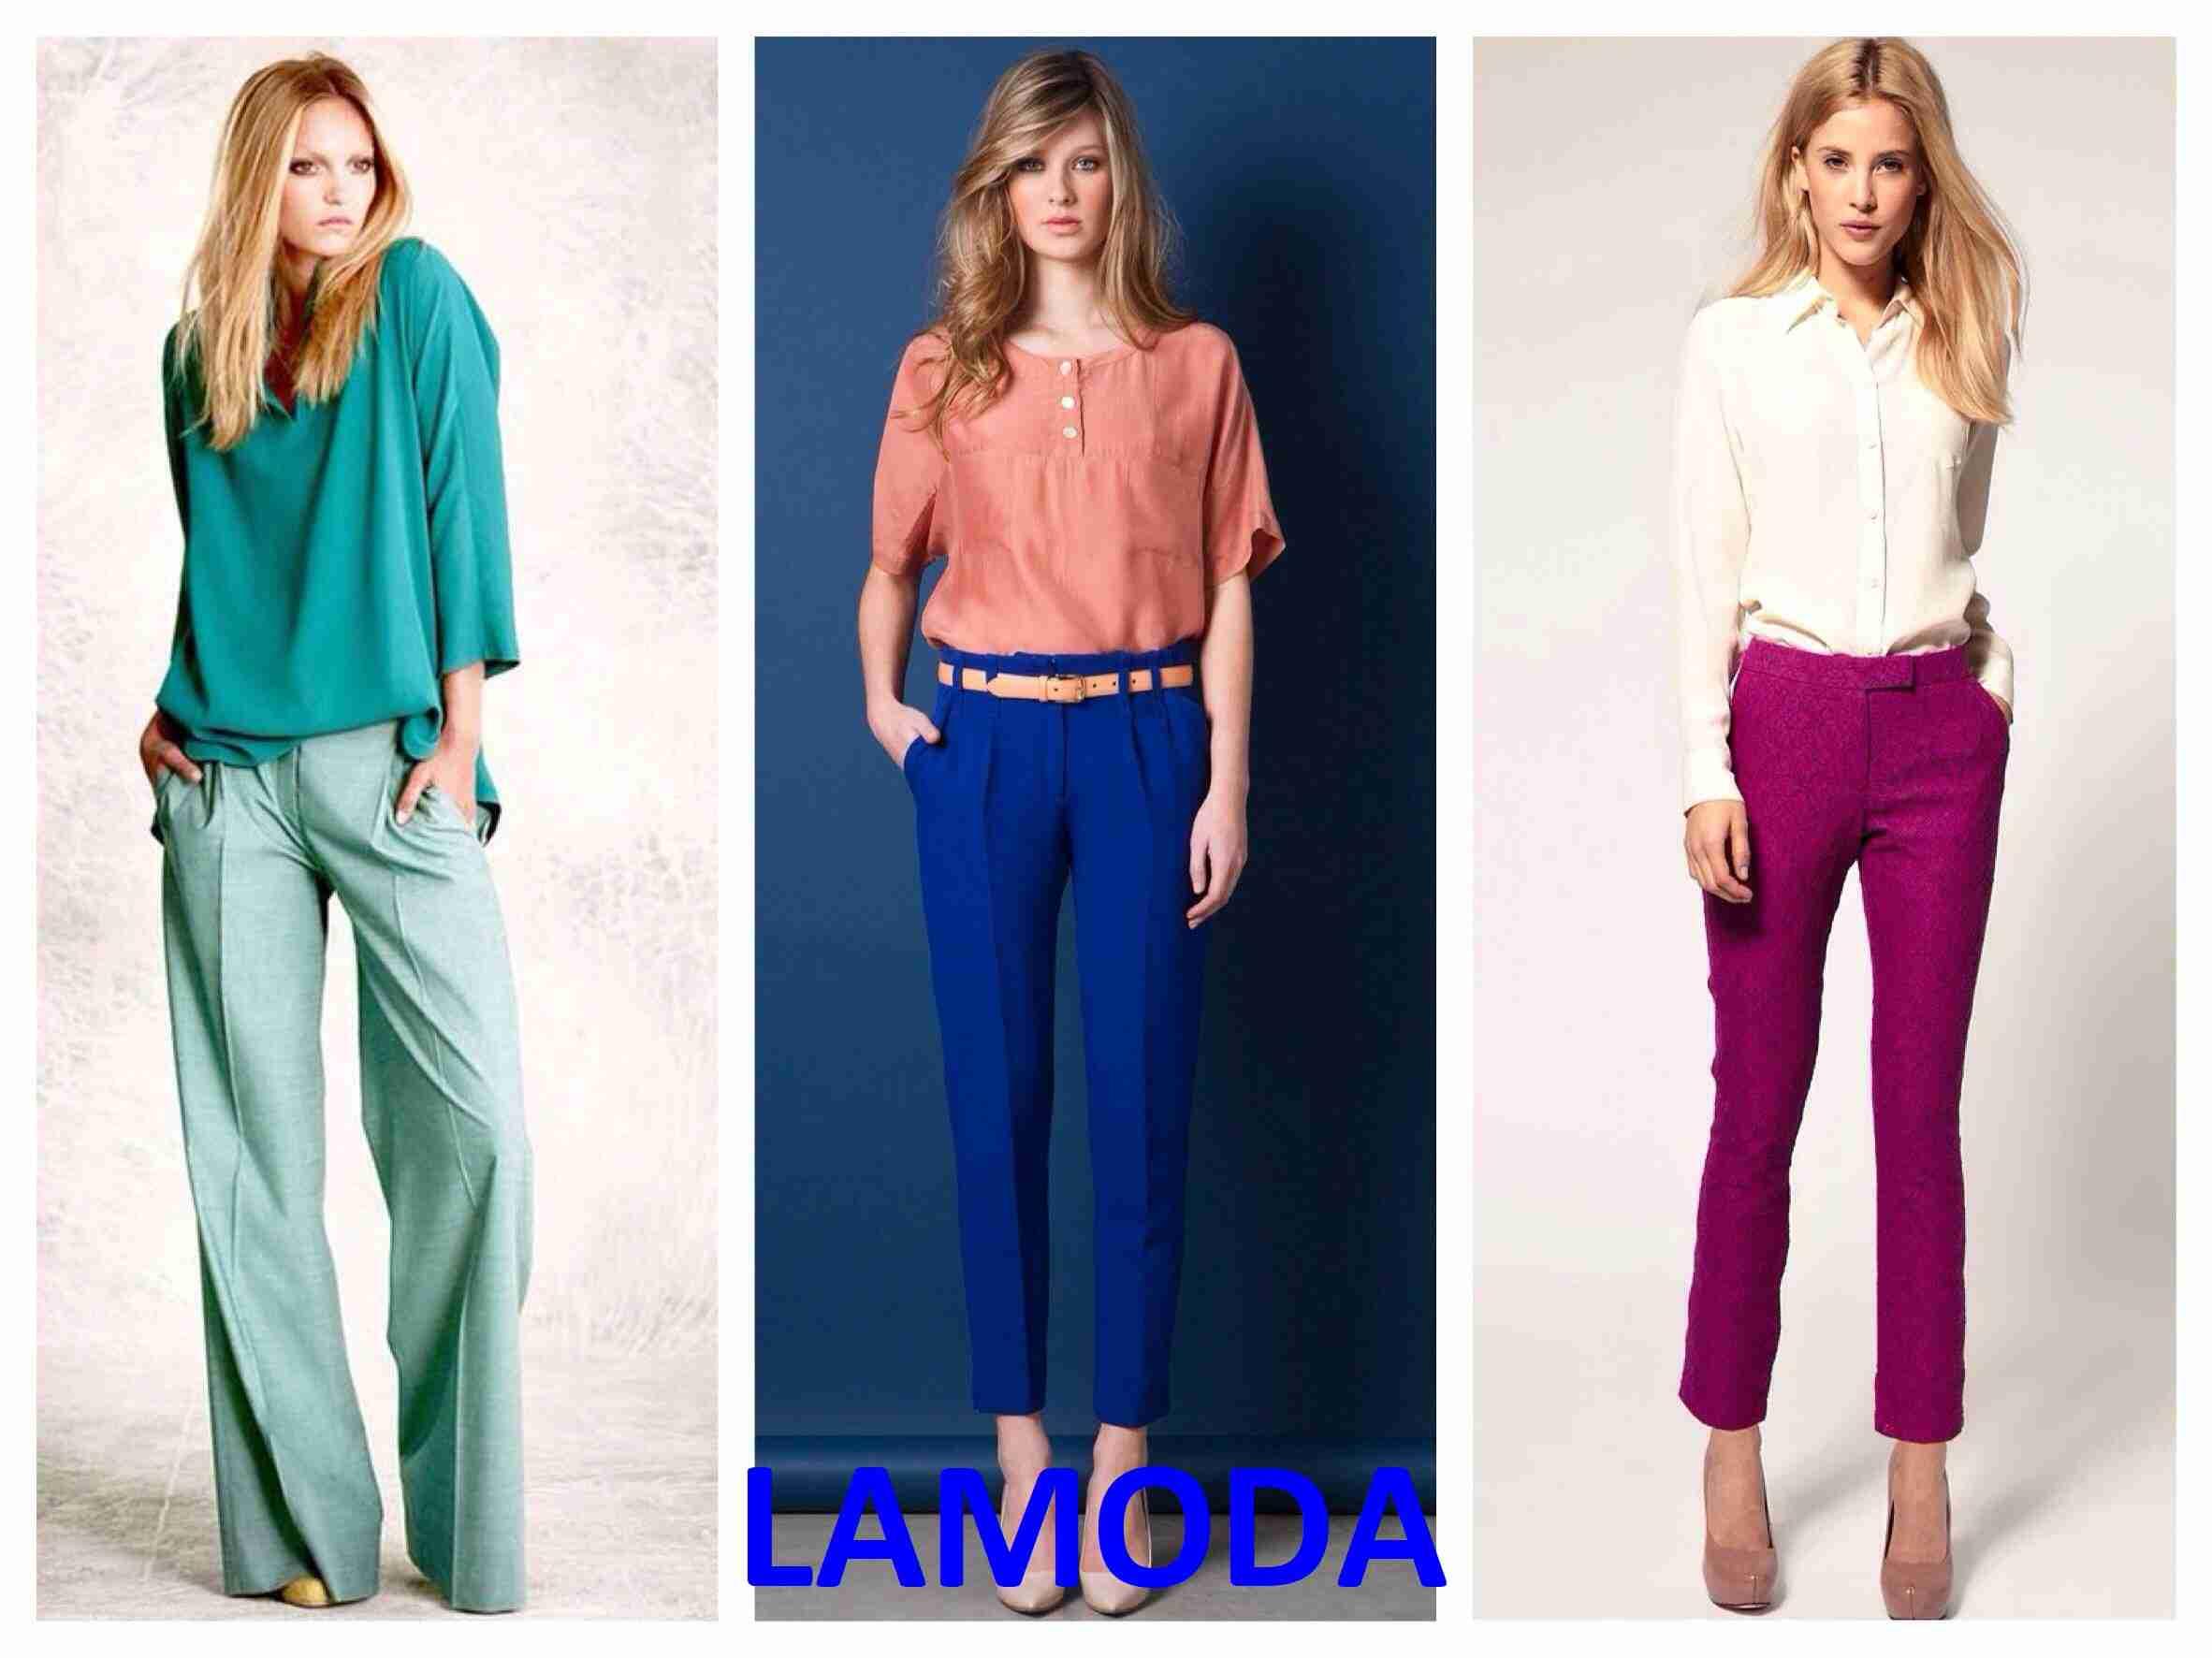 b68e477d3a06fb3 Женские брюки шаровары купить на русском алиэкспресс или заказать шорты с  Ламода или вайлдберриз